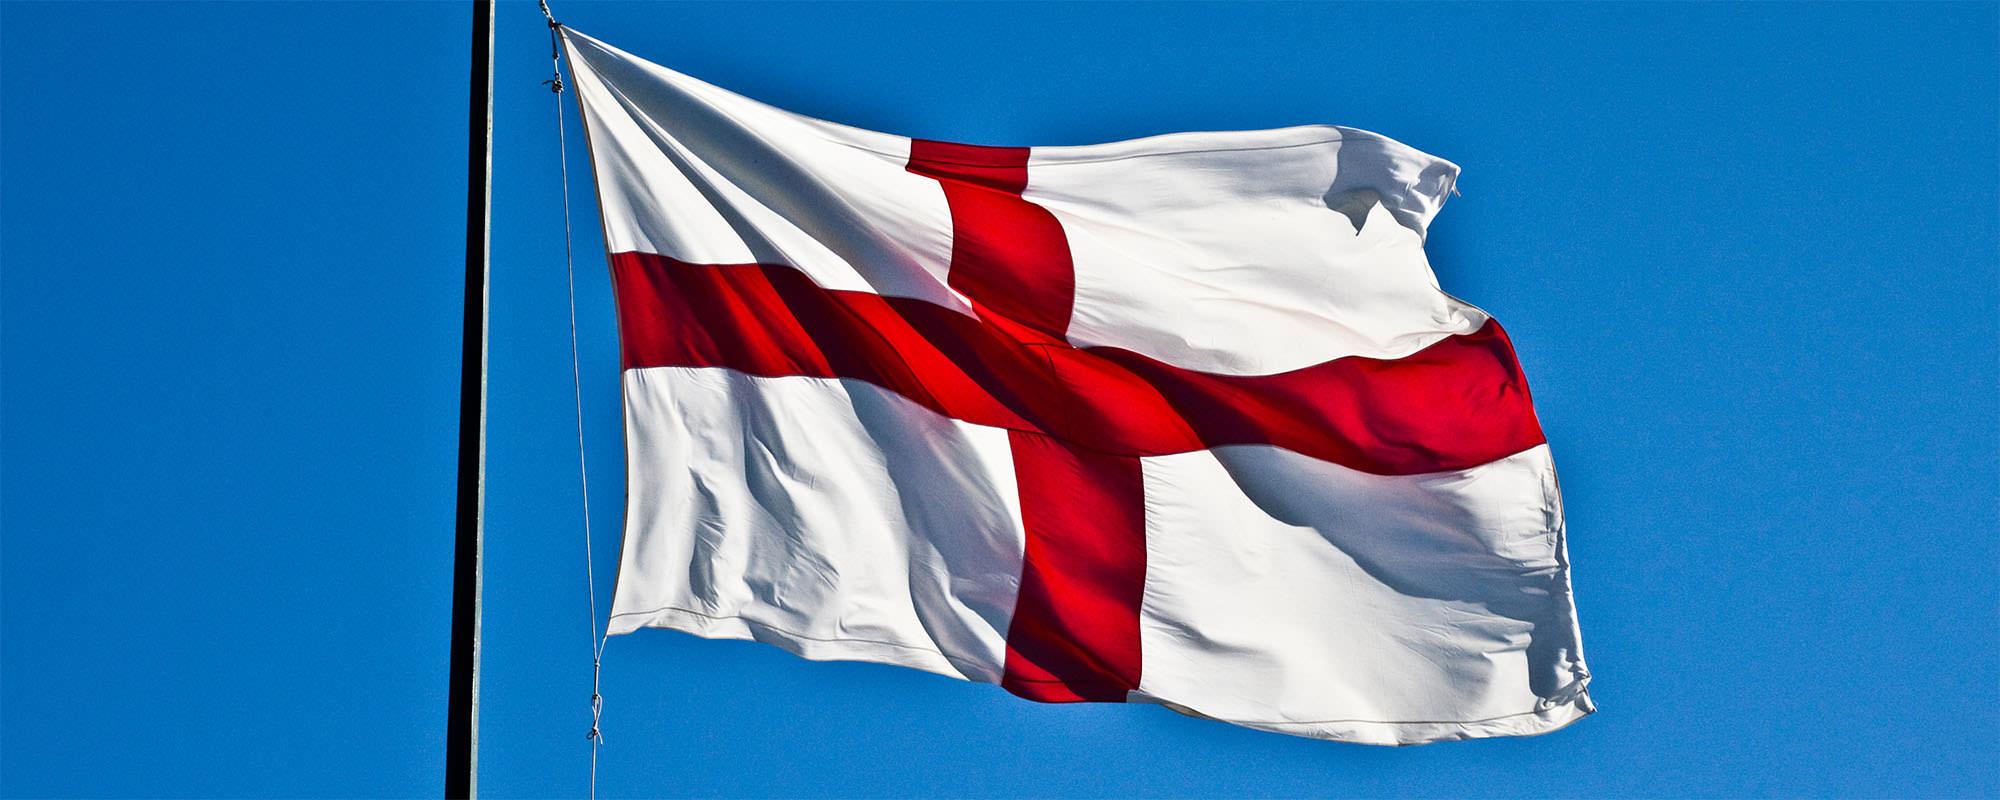 Bandiera crociata di Genova